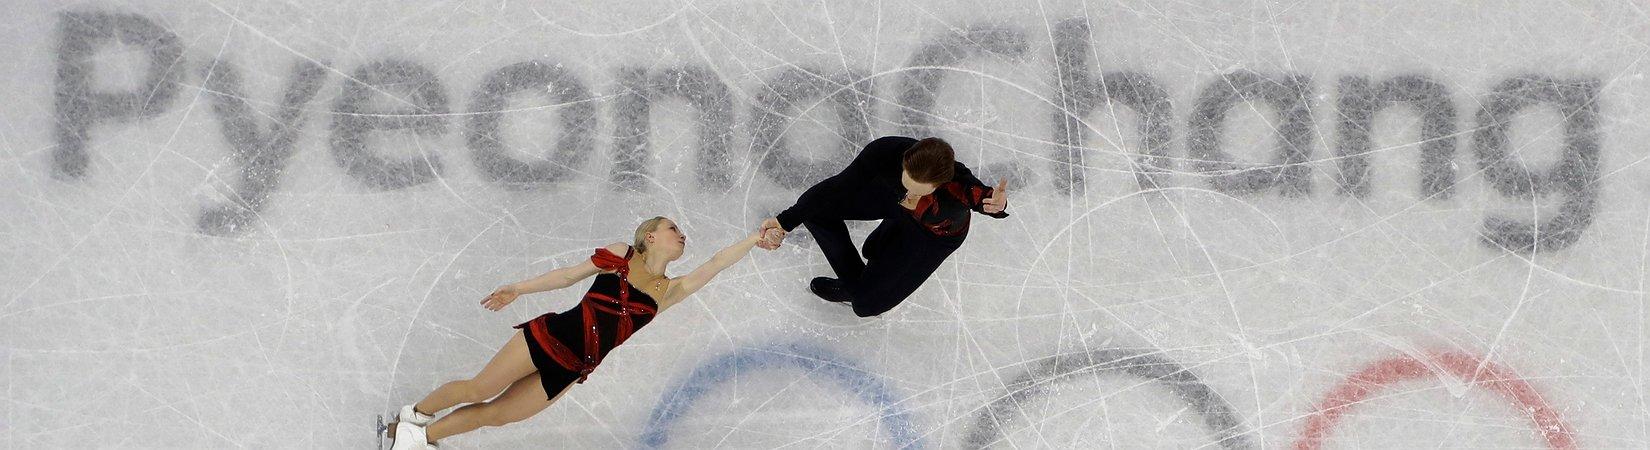 Dan comienzo los Juegos Olímpicos de Invierno